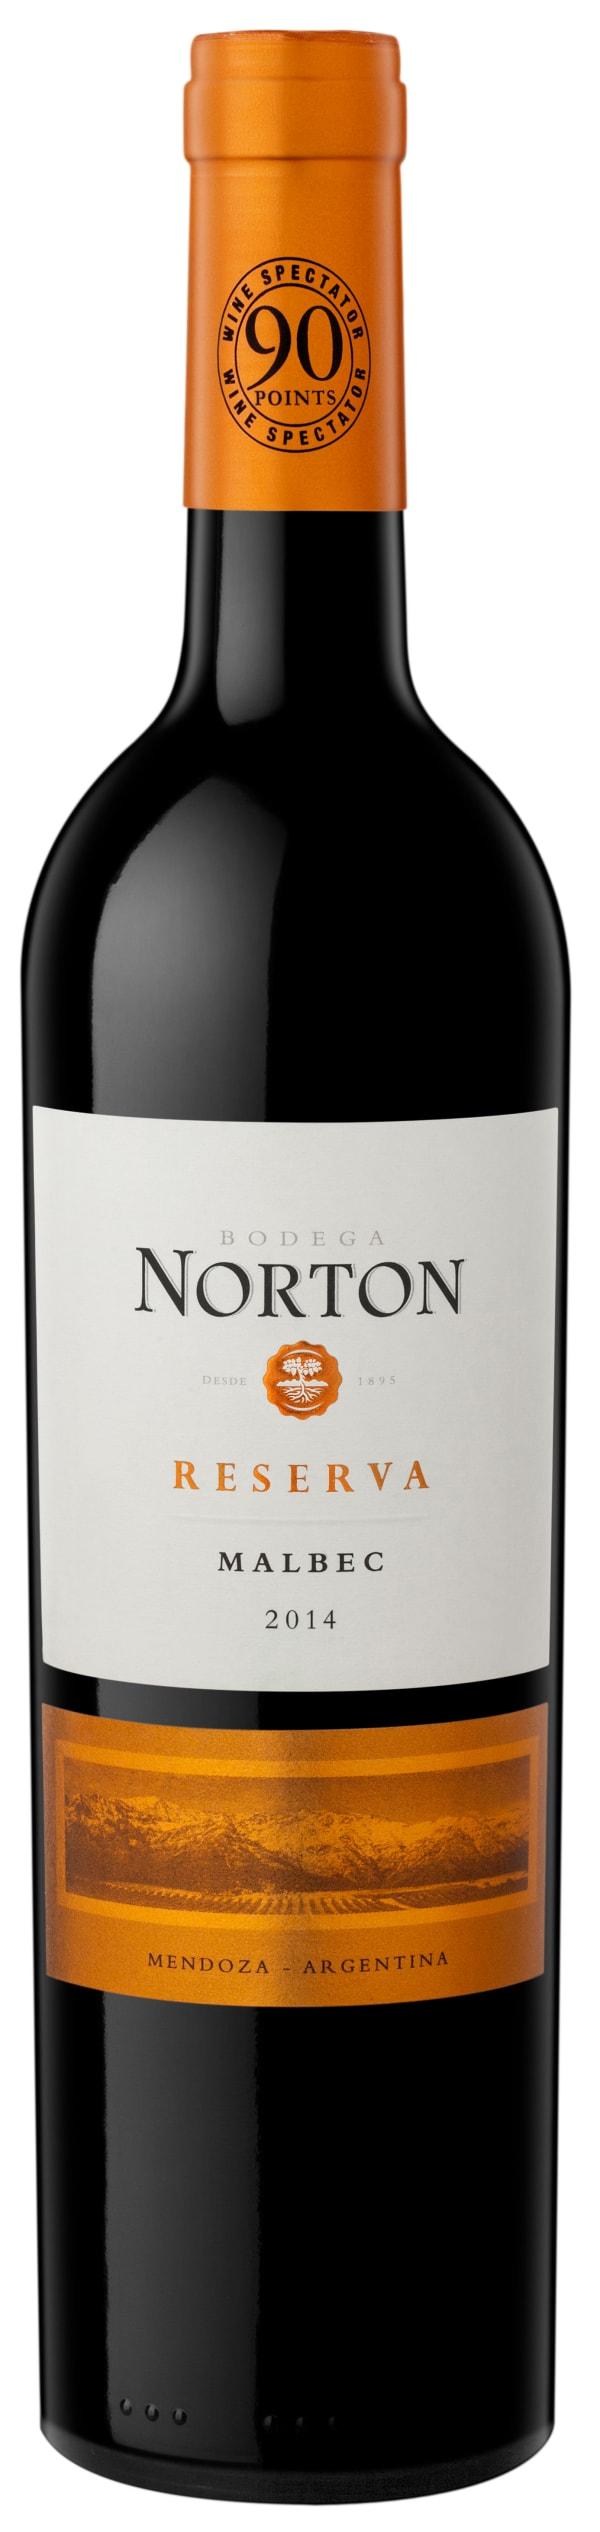 Norton Reserva Malbec 2016